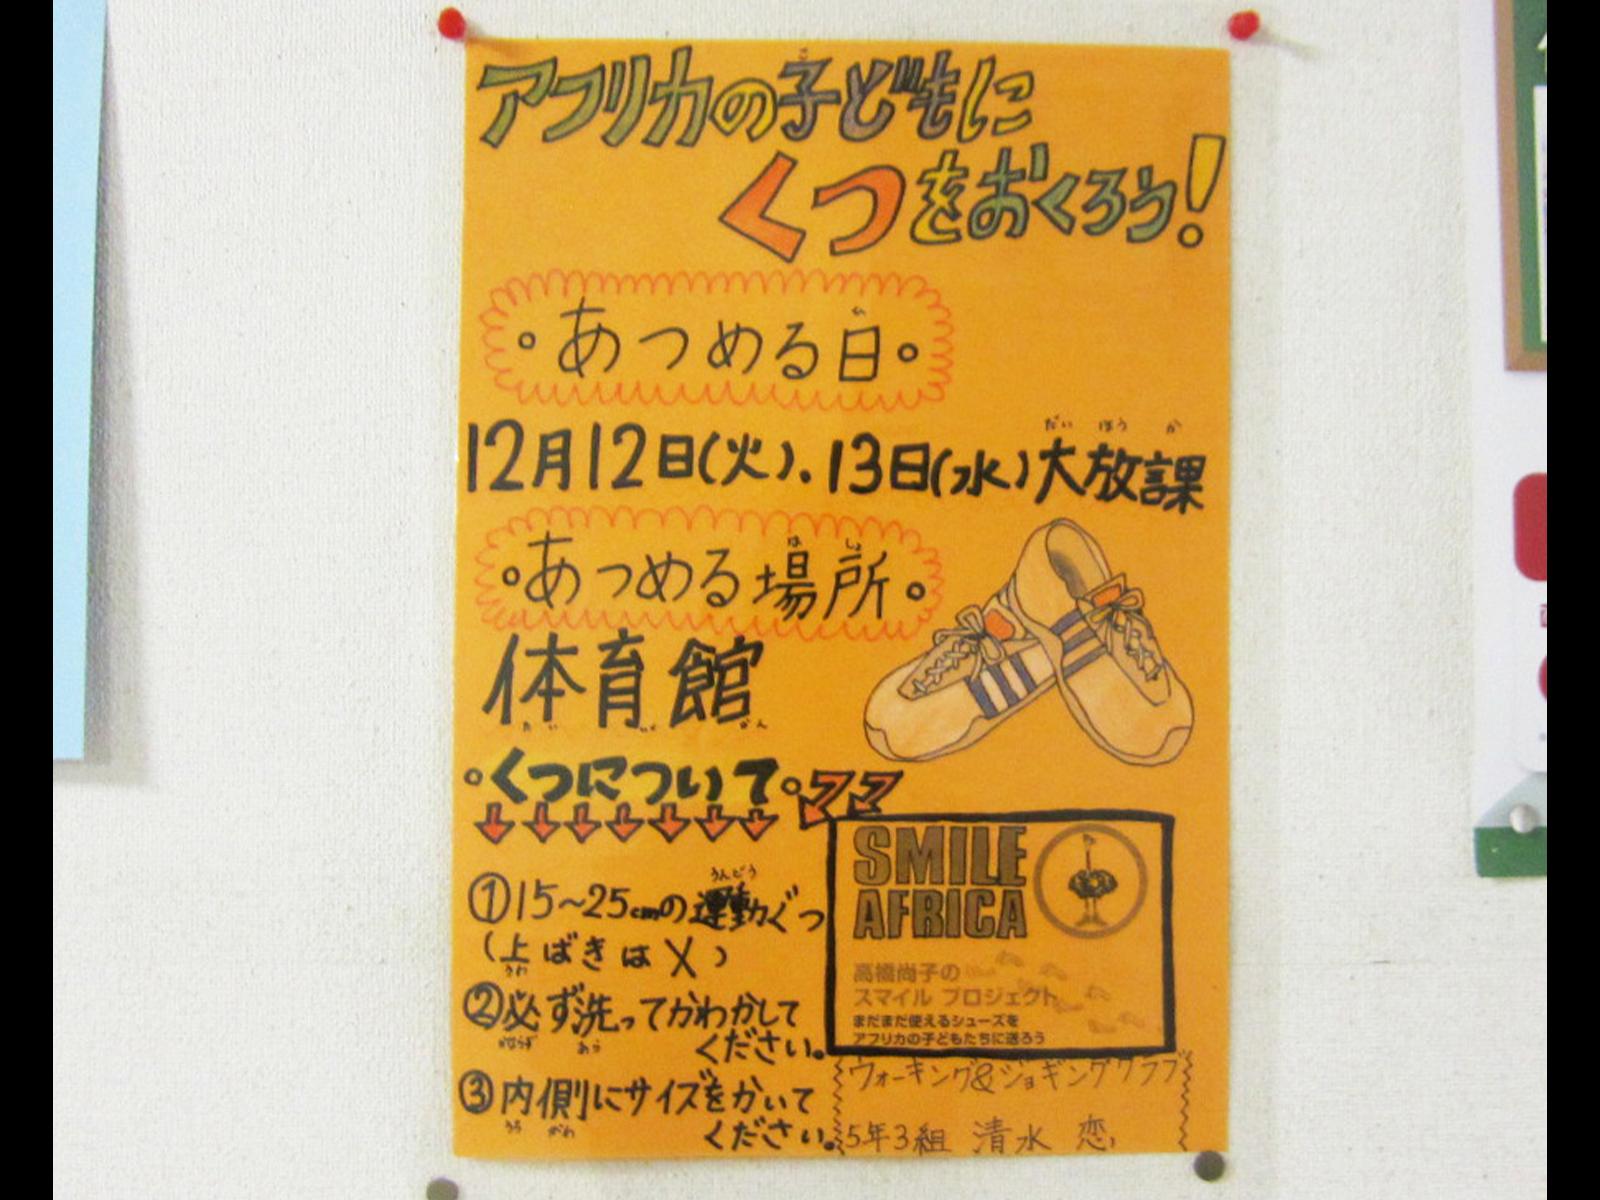 シューズ回収を呼びかけるポスターを児童自らが制作。